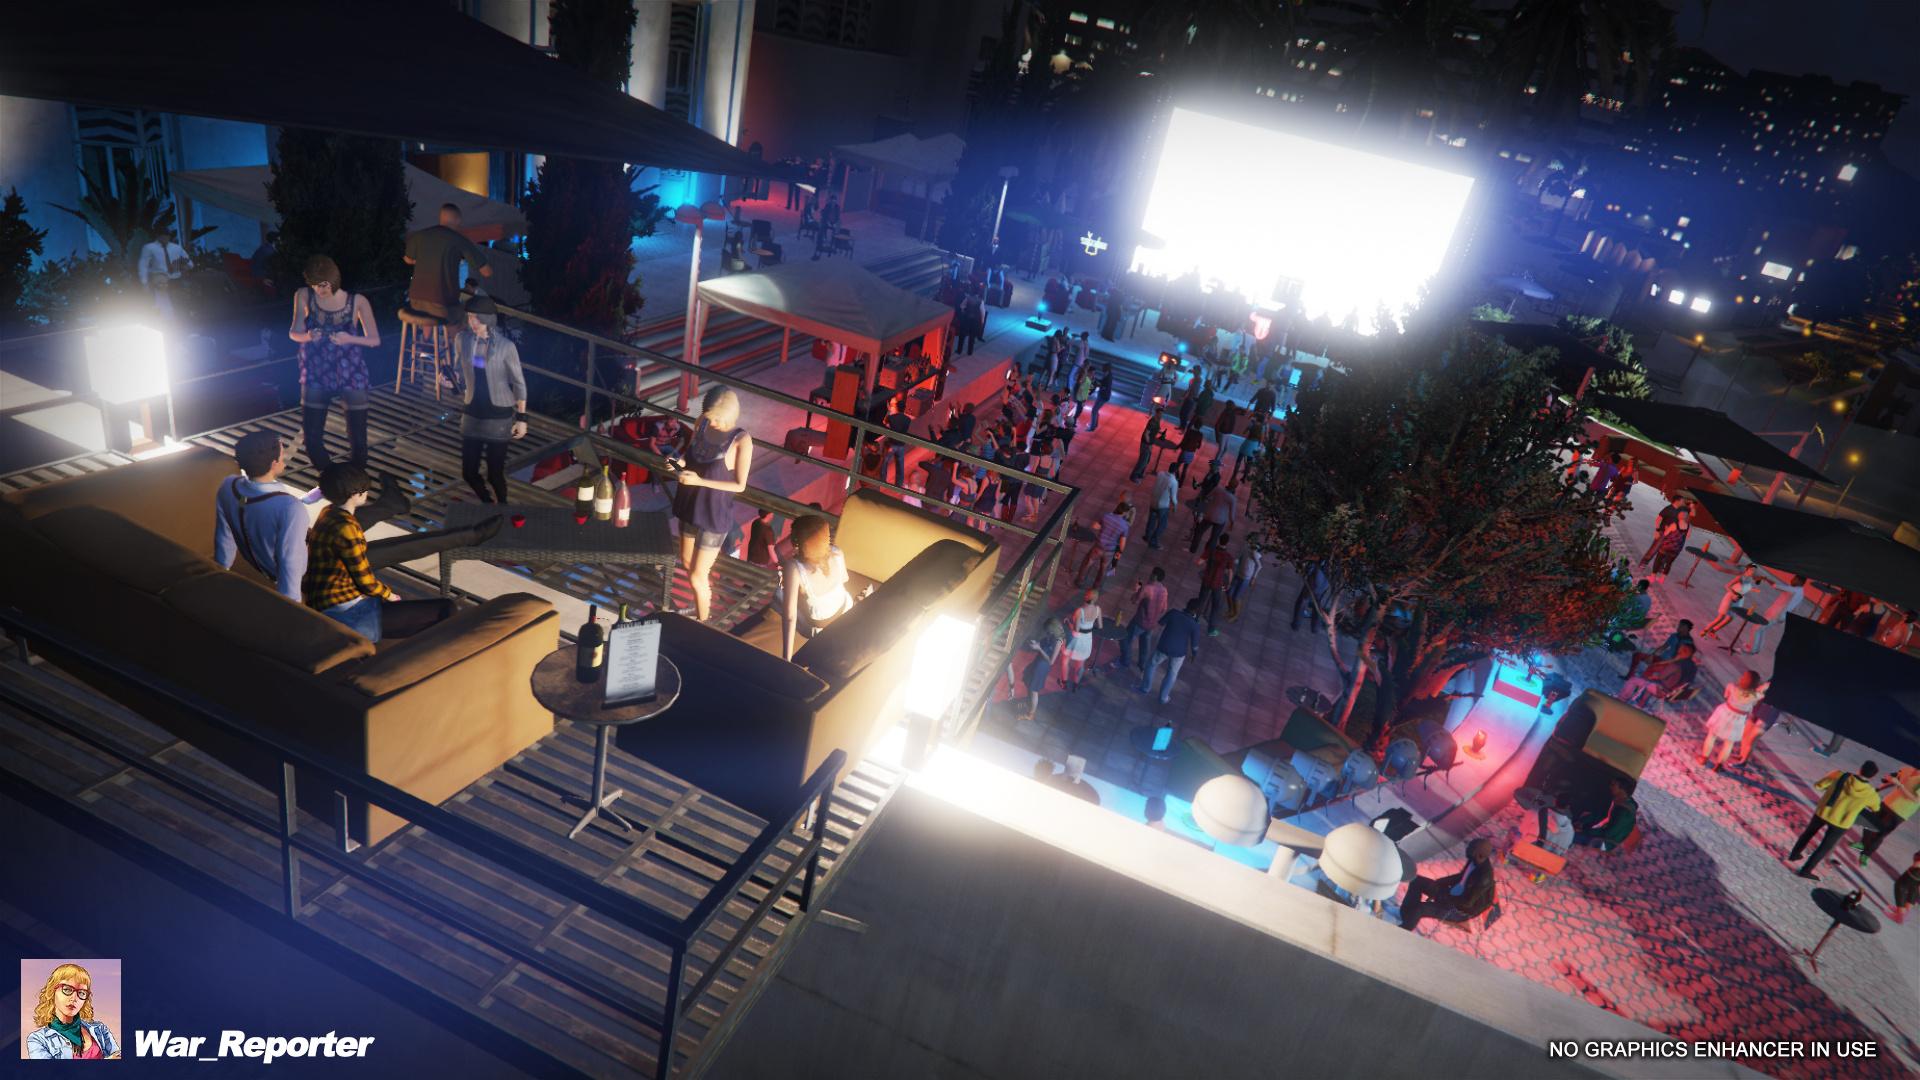 8358 night club scene gta5 for Zona 5 mobilia no club download